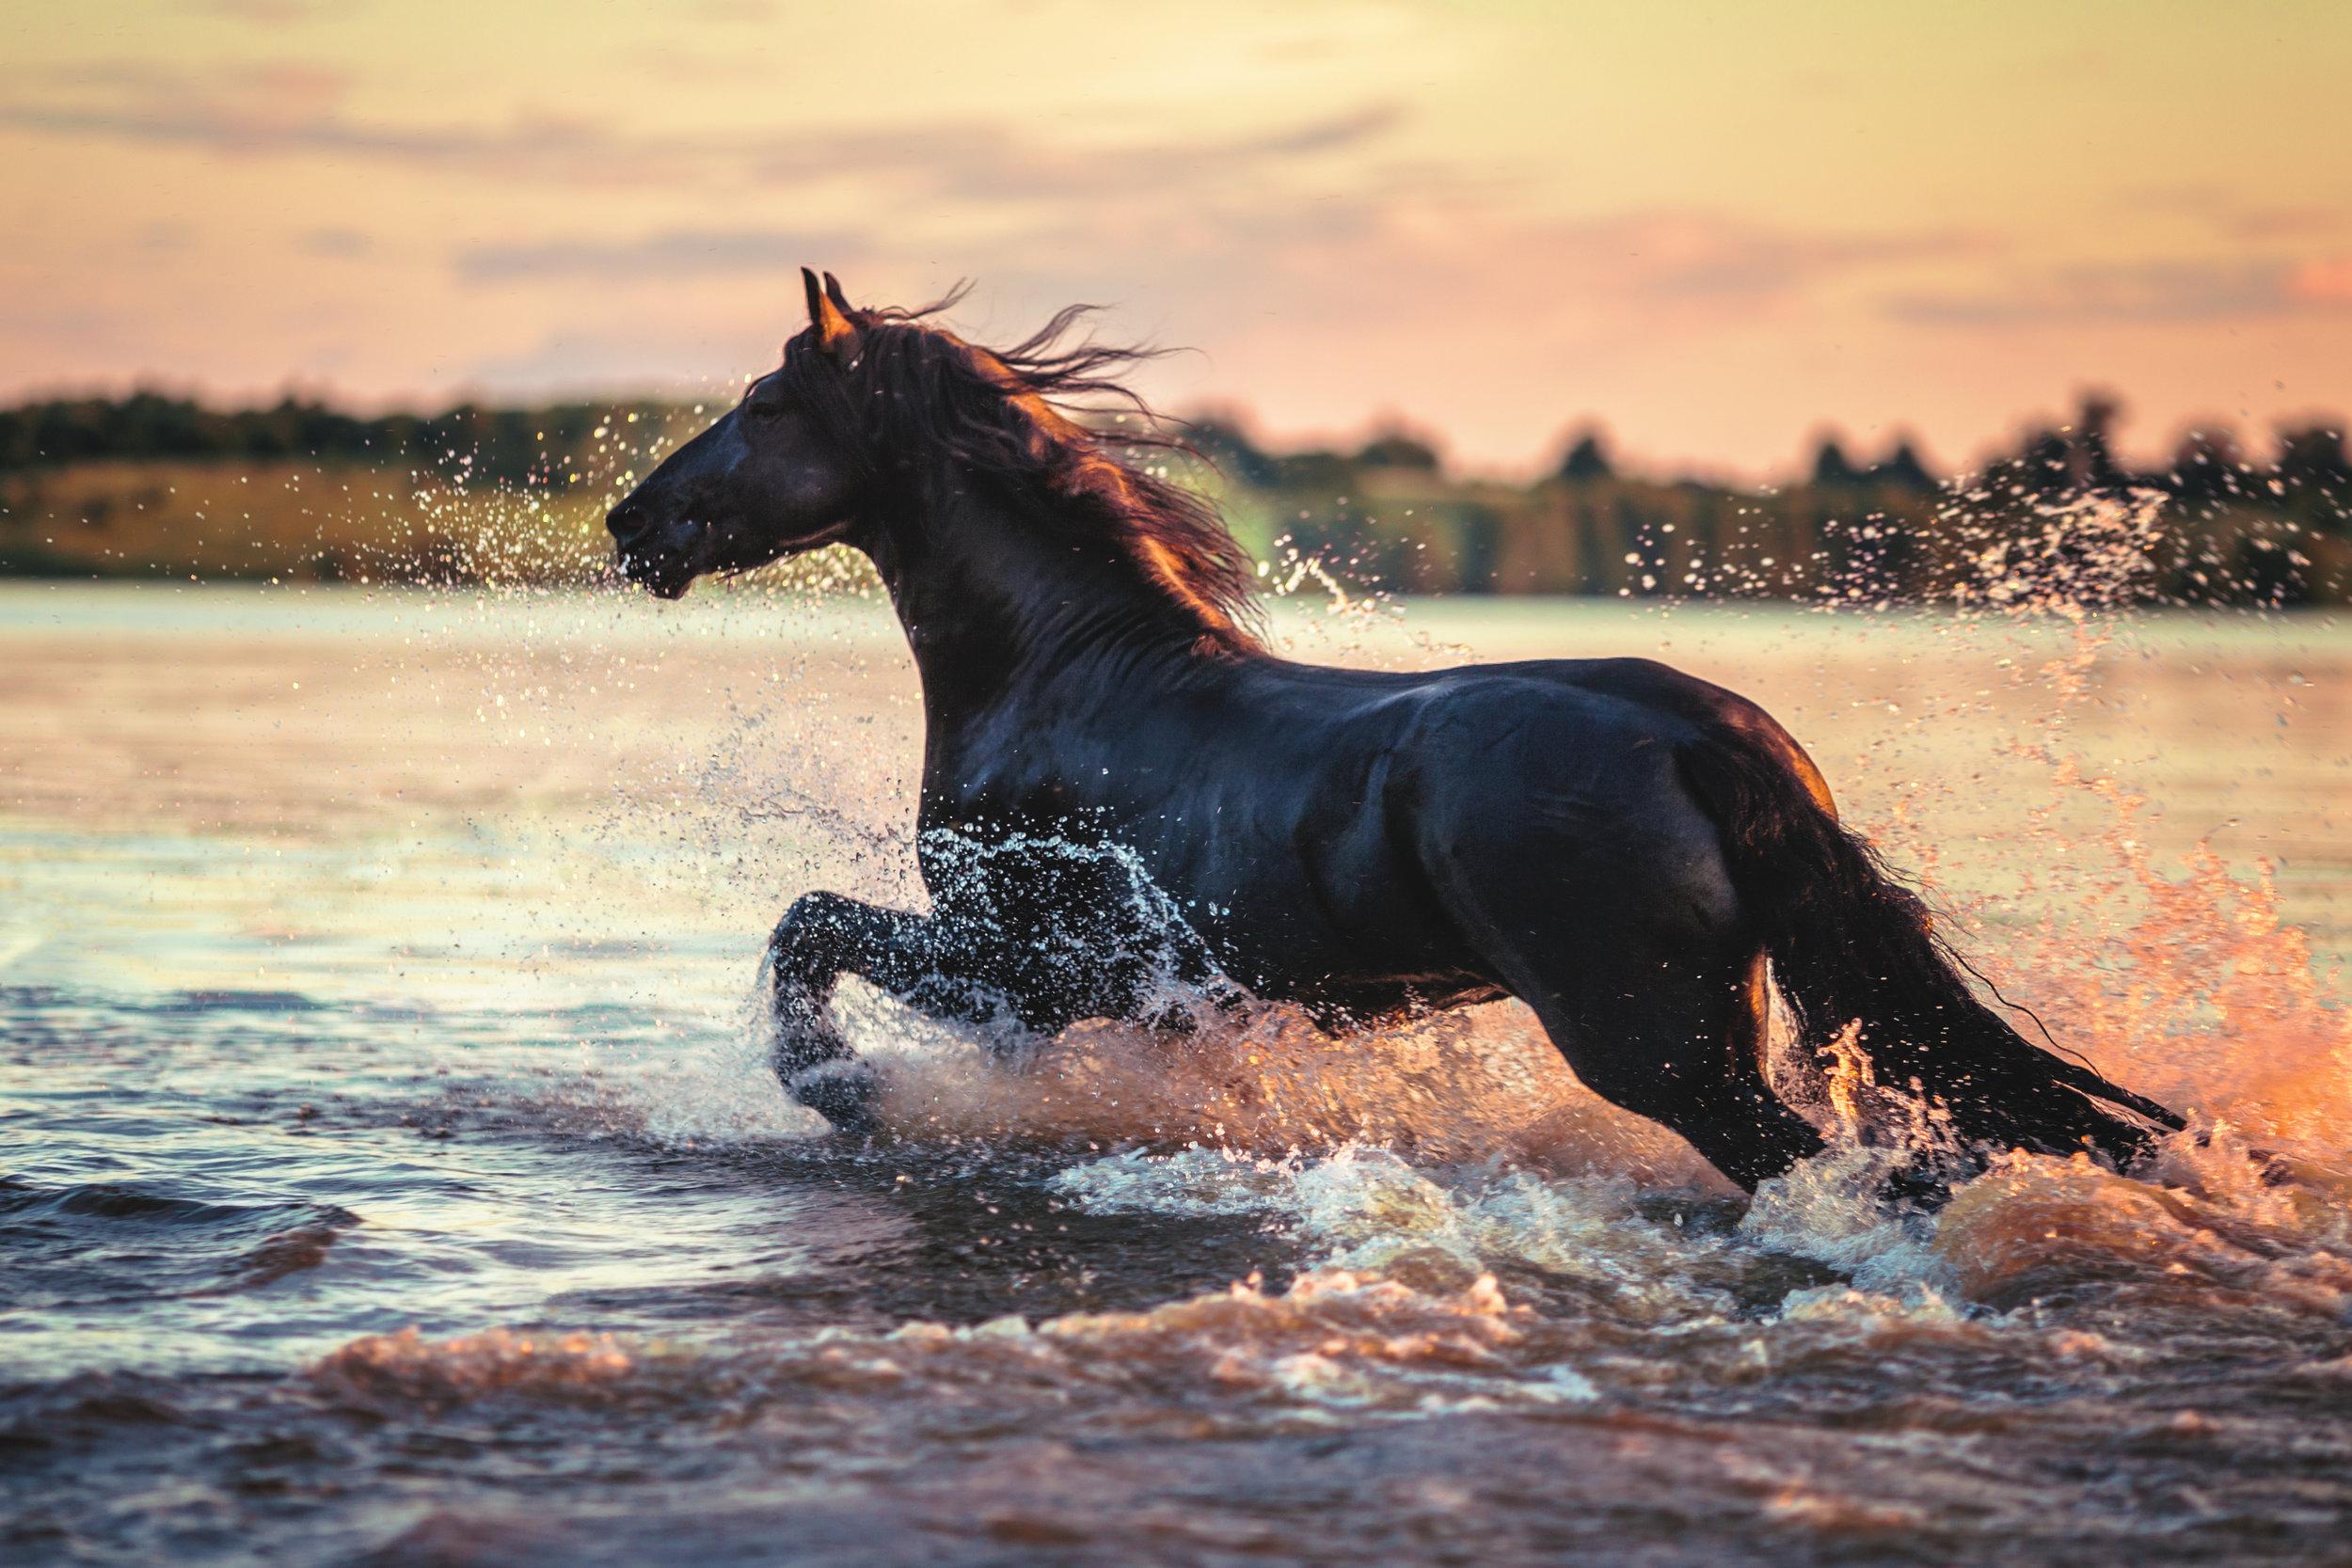 Horse In Water.jpg